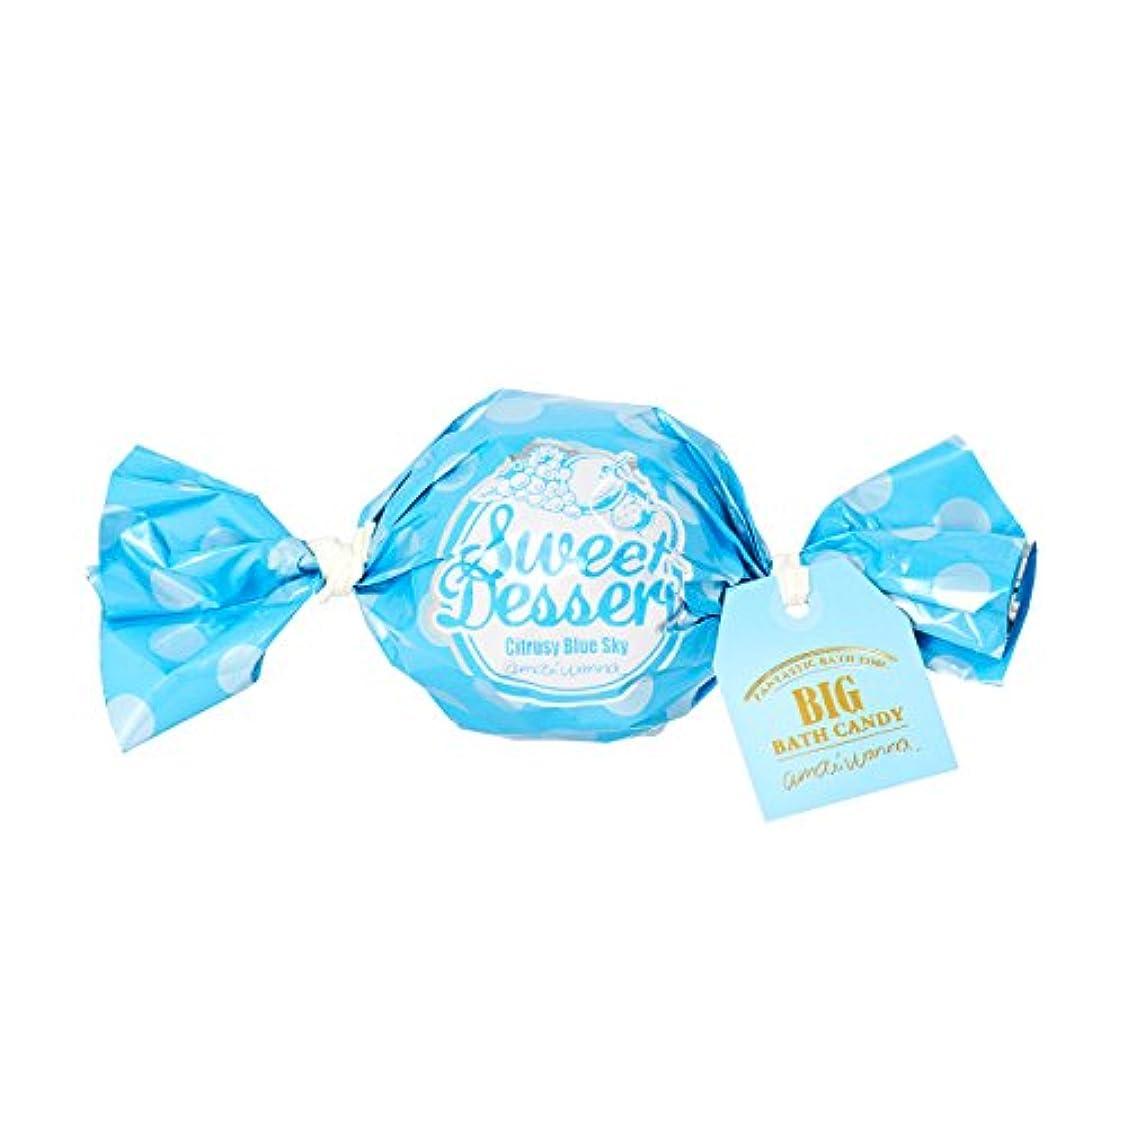 事務所落ち着くユーザーアマイワナ ビッグバスキャンディー 青空シトラス 100g(発泡タイプ入浴料 おおらかで凛としたシトラスの香り)